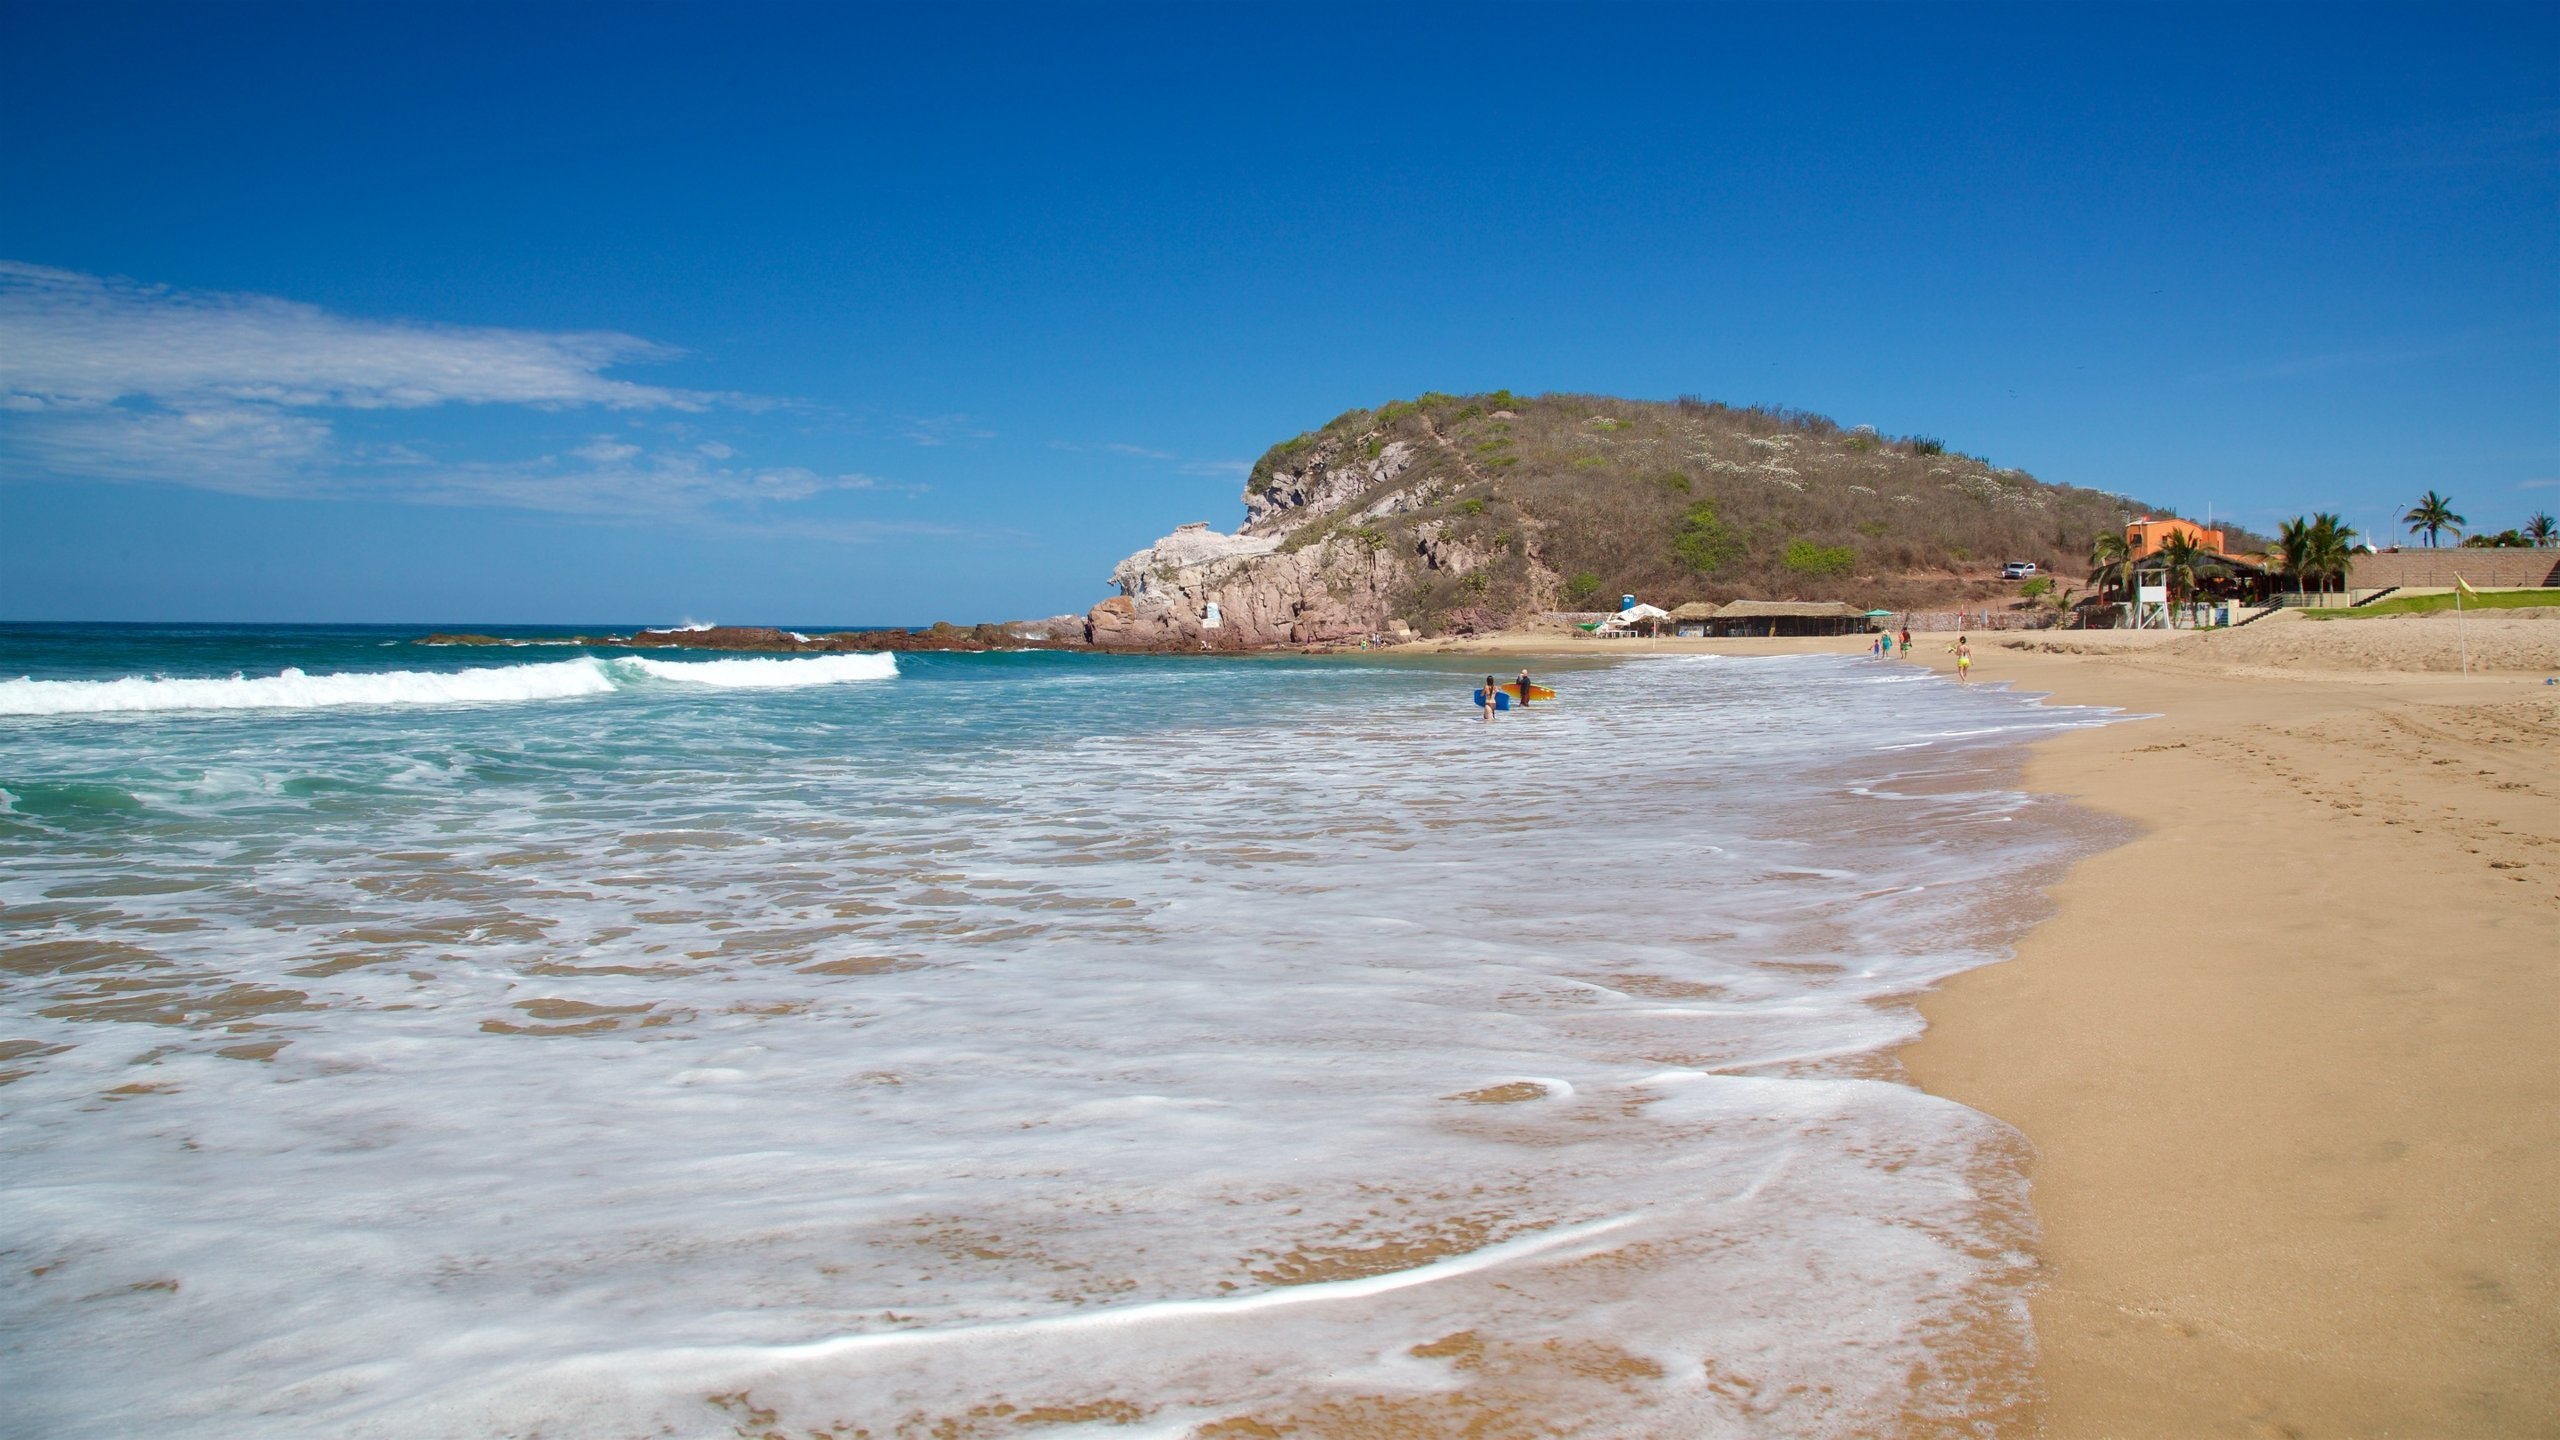 Witches Beach, Mazatlan, Sinaloa, Mexico